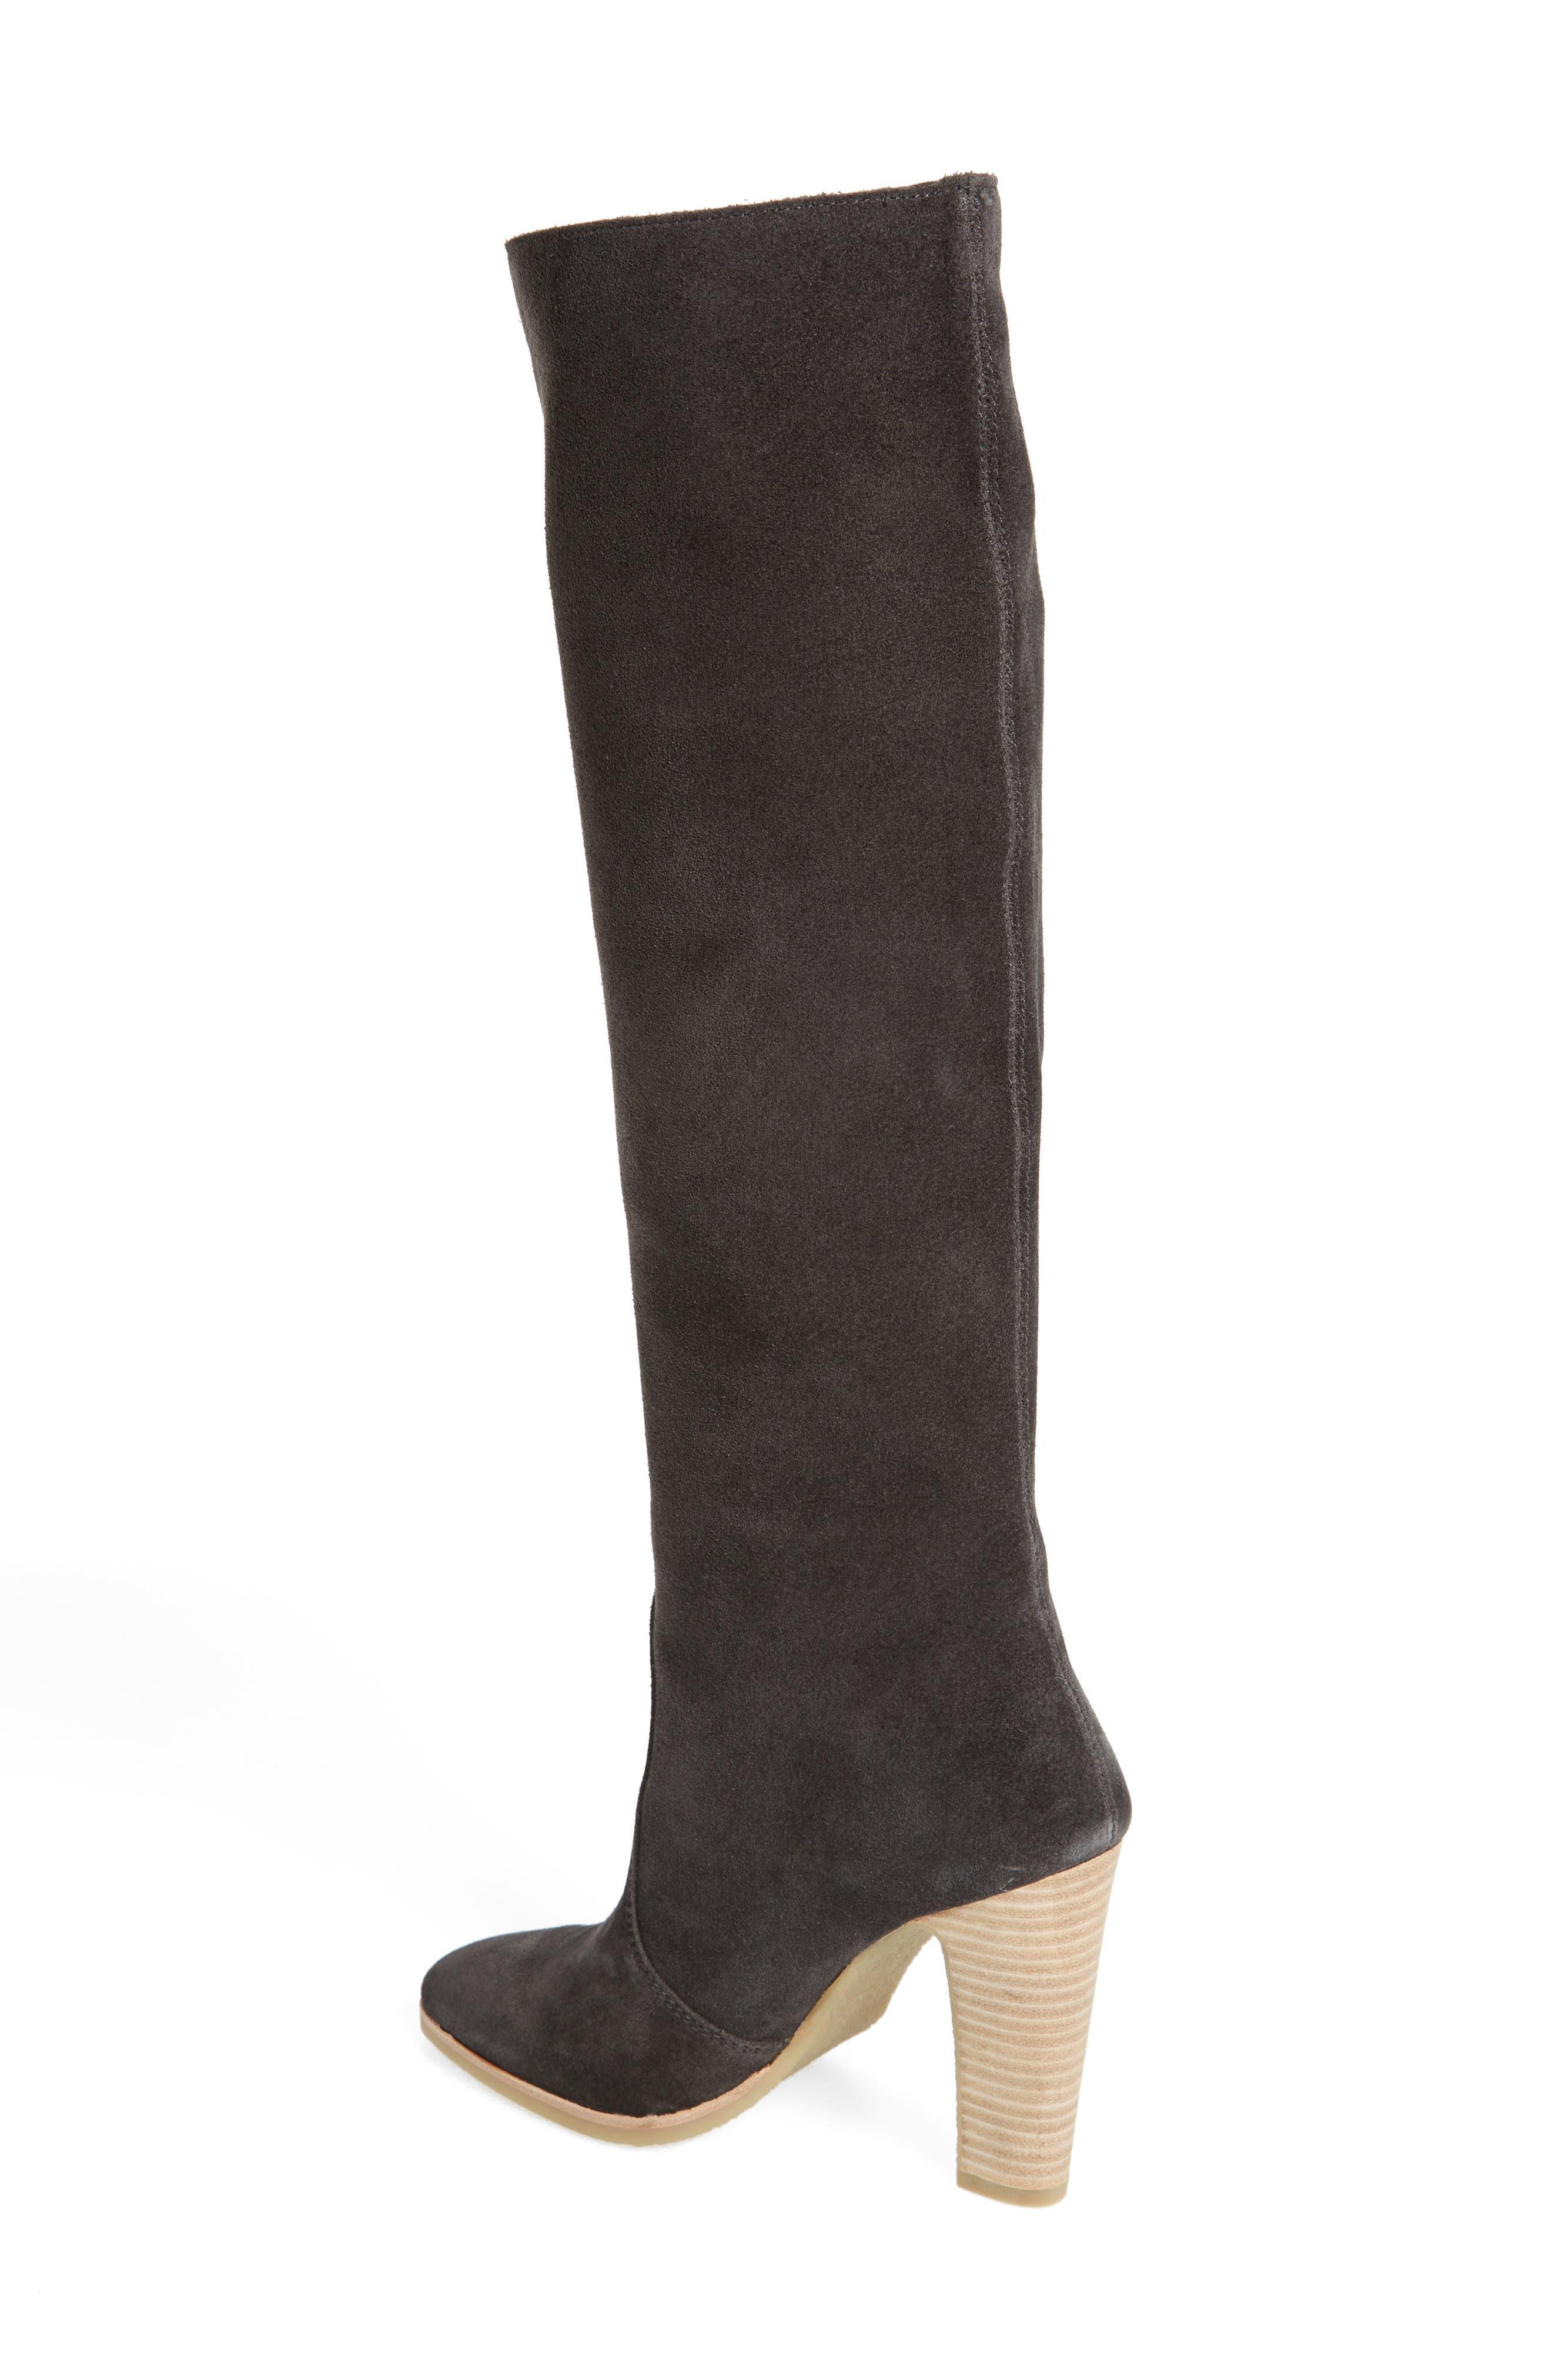 Celine Knee-High Boot,                             Alternate thumbnail 2, color,                             020